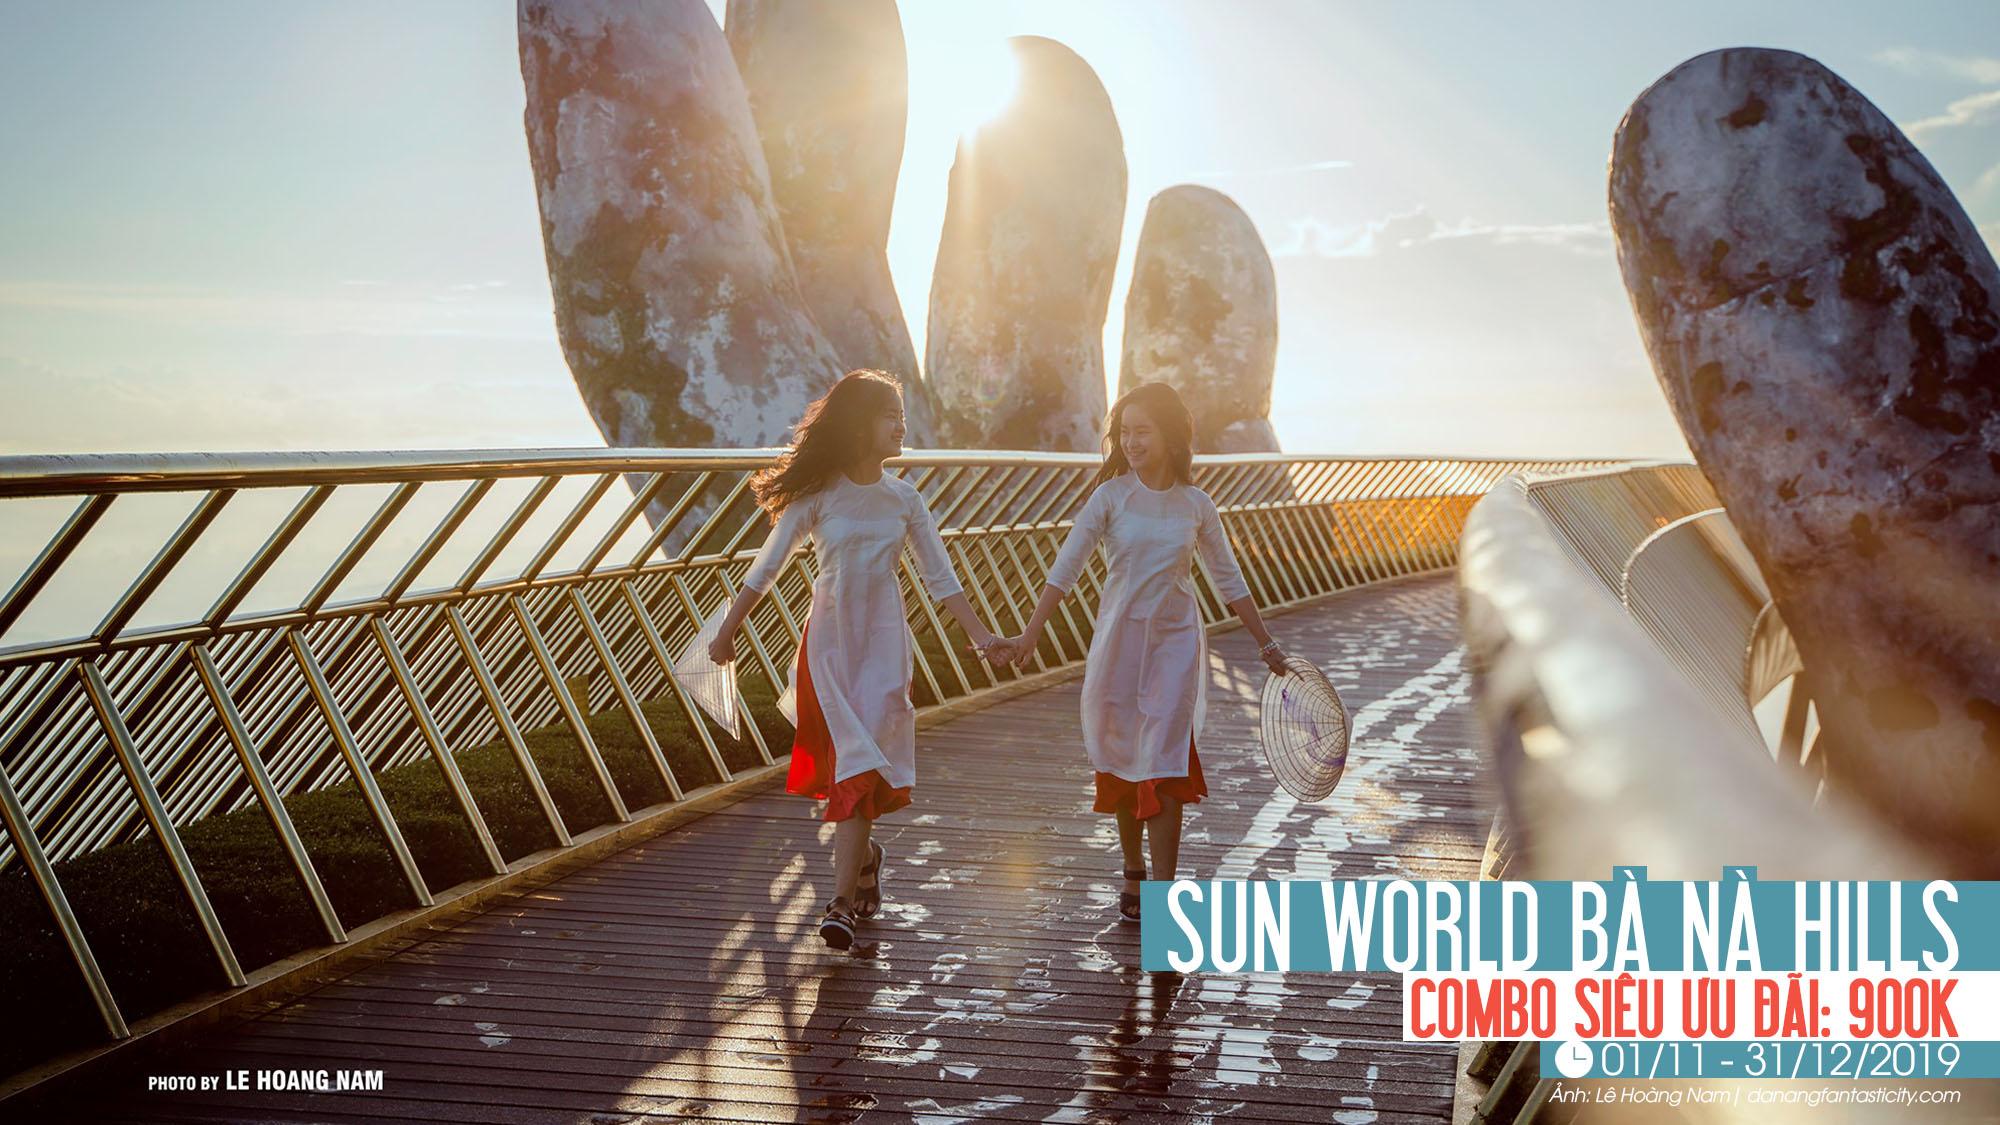 Sun World Ba Na Hills Combo Sieu Uu Dai